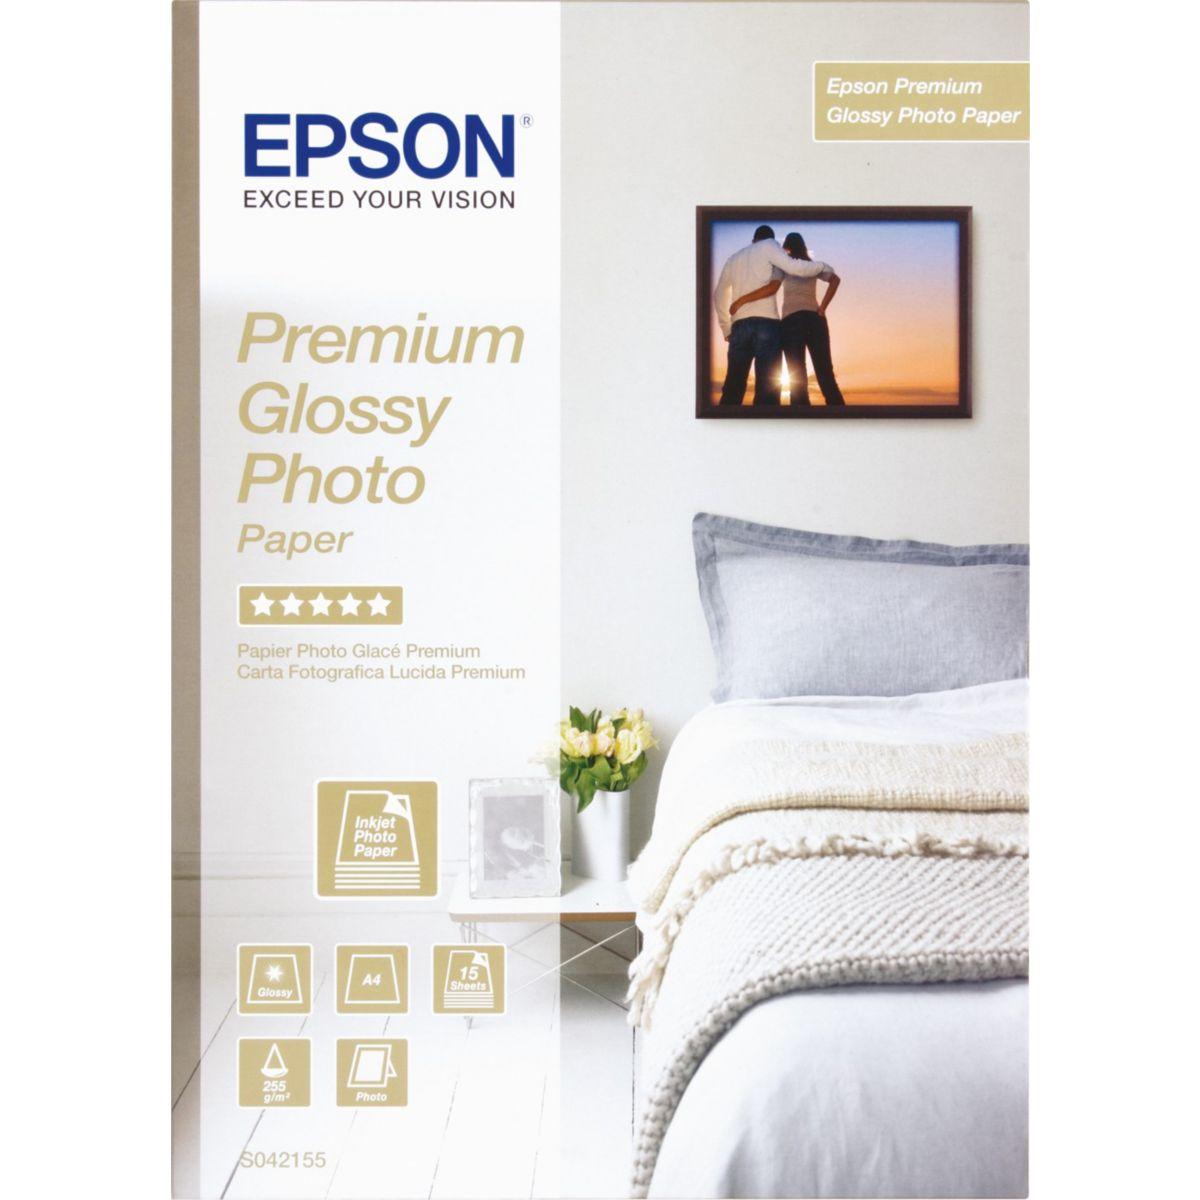 Papier photo epson premium glacé 255 g a4 15 feuilles - produit coup de coeur webdistrib.com ! (photo)